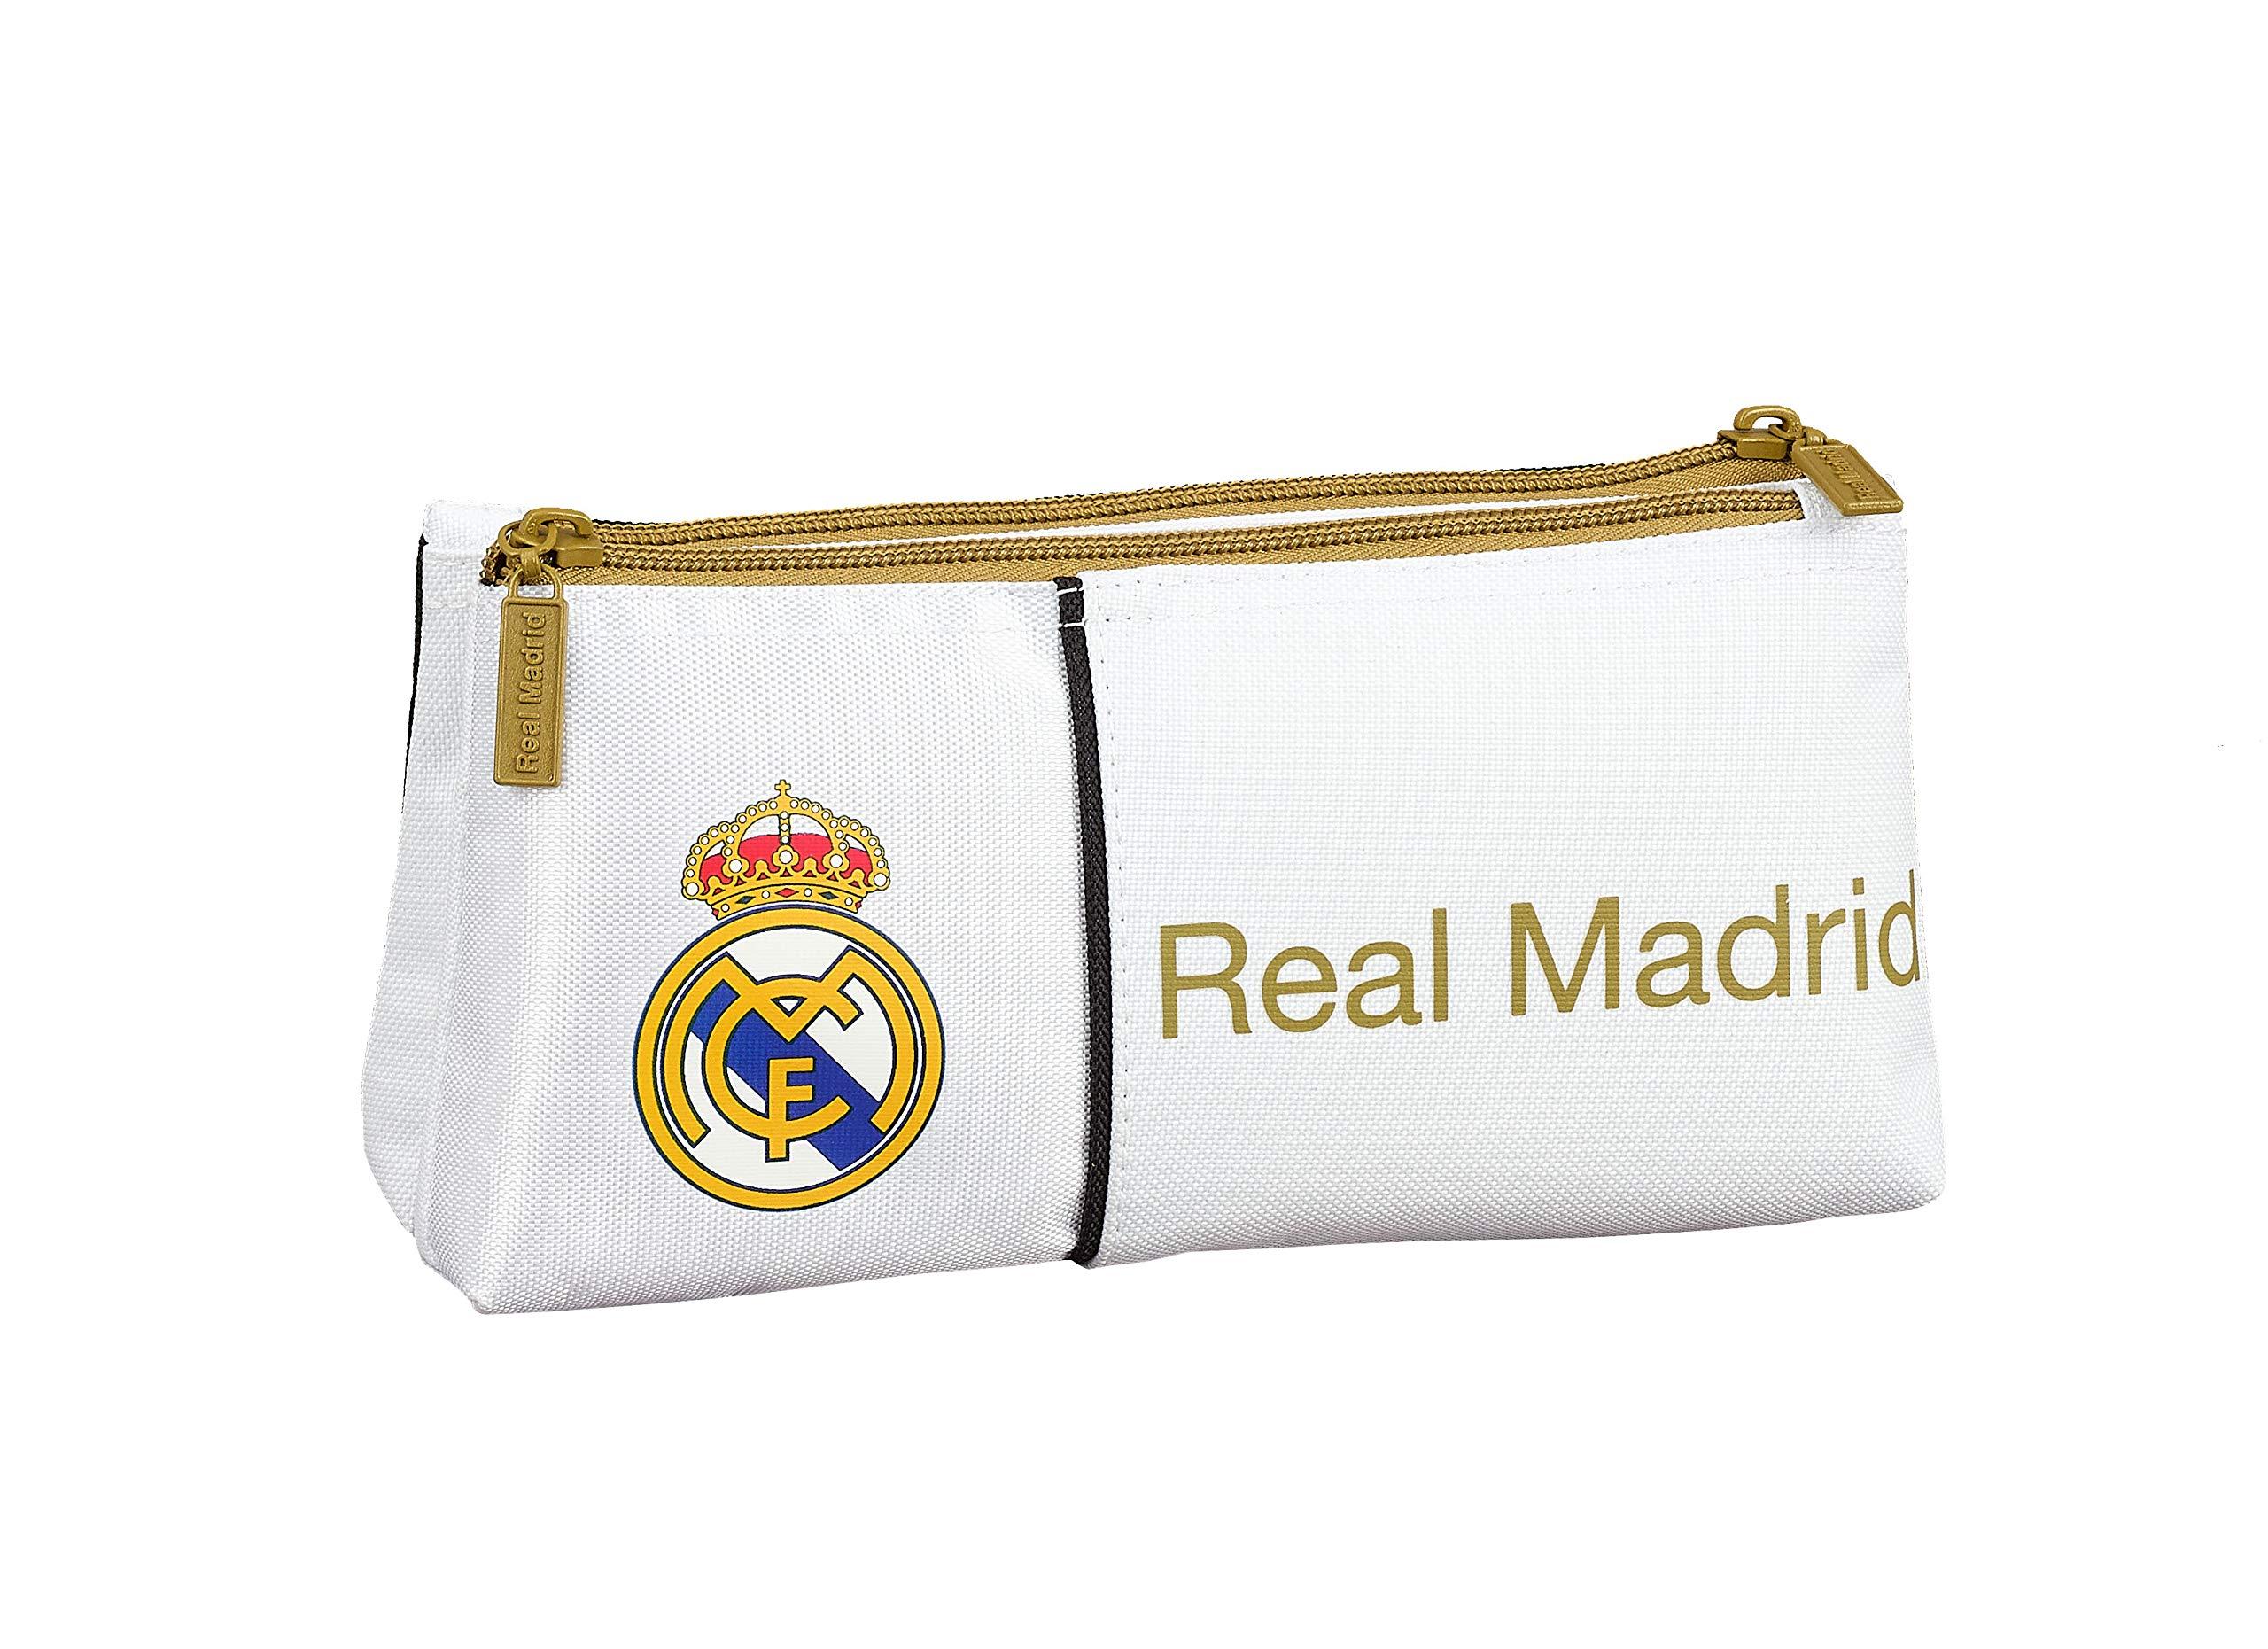 Safta 811954548, Real Madrid 19/20 Neceser Niños Unisex, varios, 22x10x8